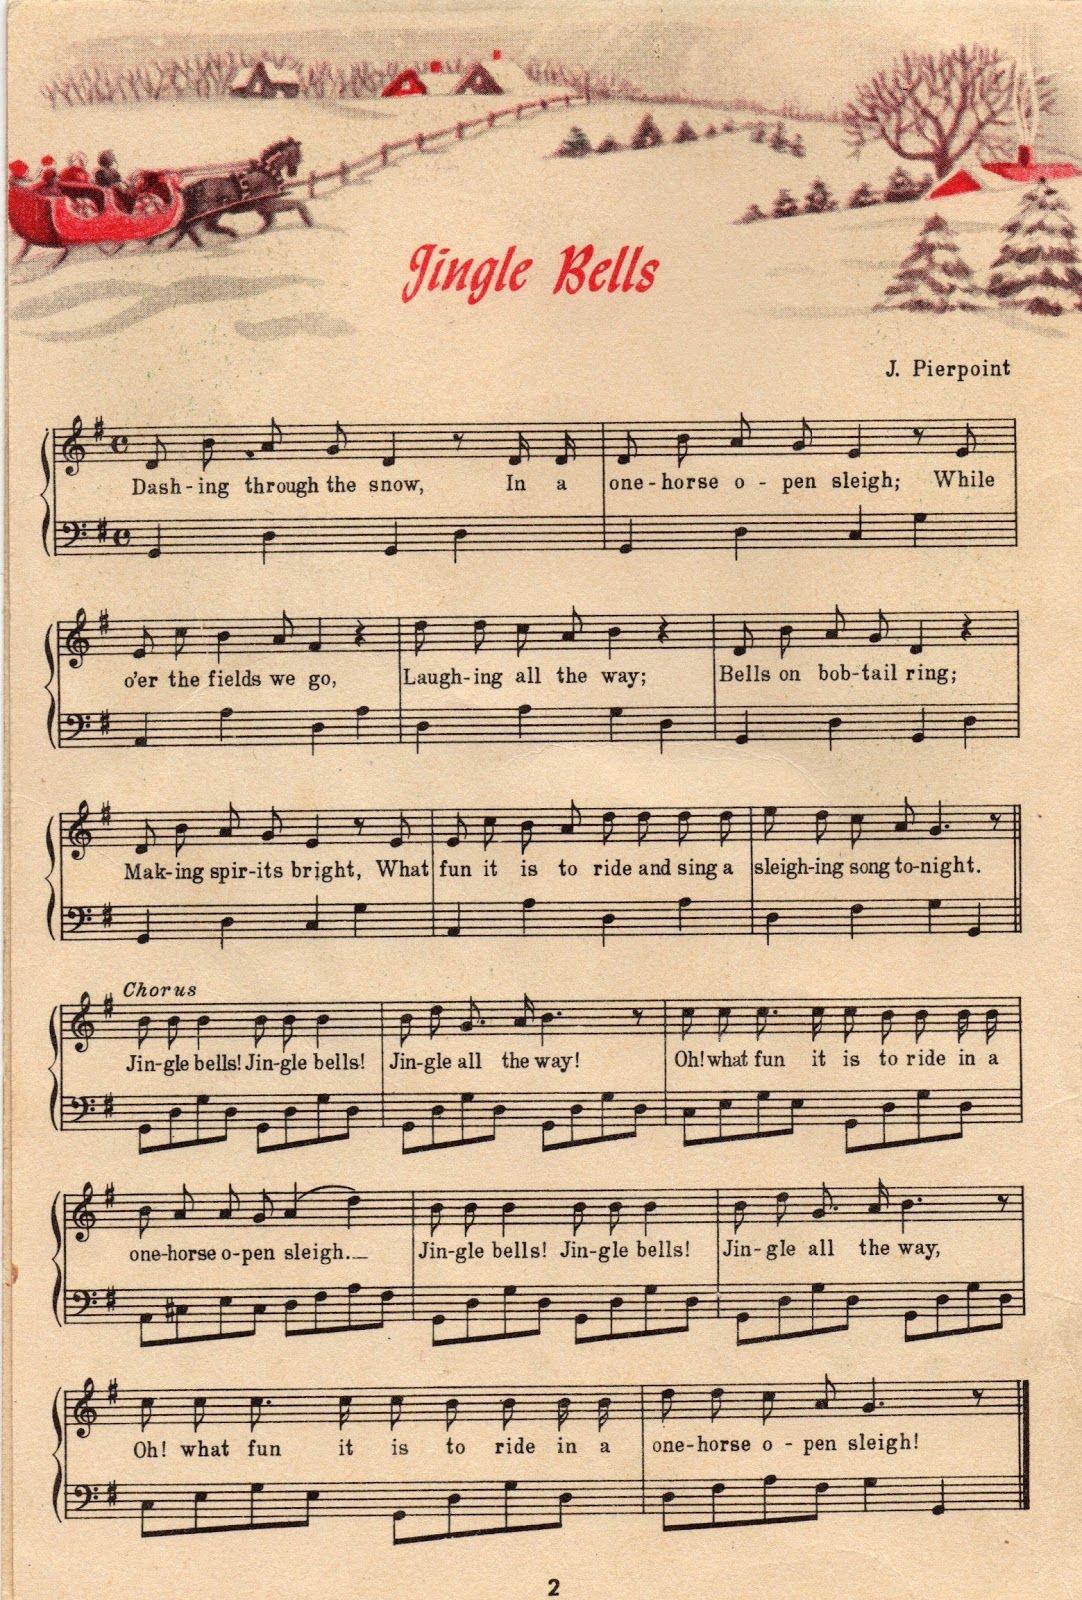 25+ Free Printable Vintage Christmas Sheet Music   Christmas Ideas - Christmas Carols Sheet Music Free Printable